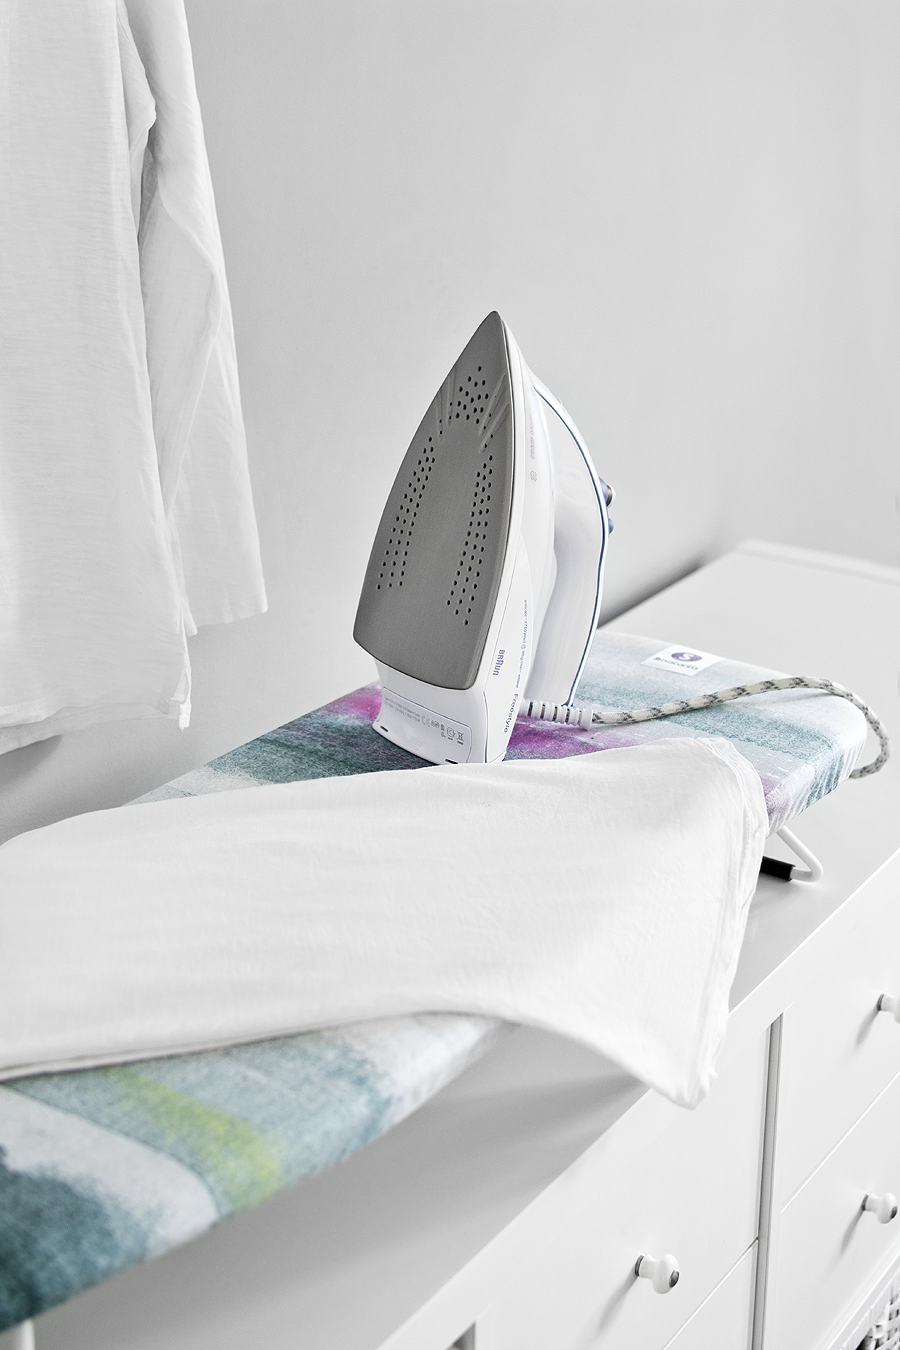 Organize a small ironing and laundry area / Organizar una pequeña zona de lavado y planchado